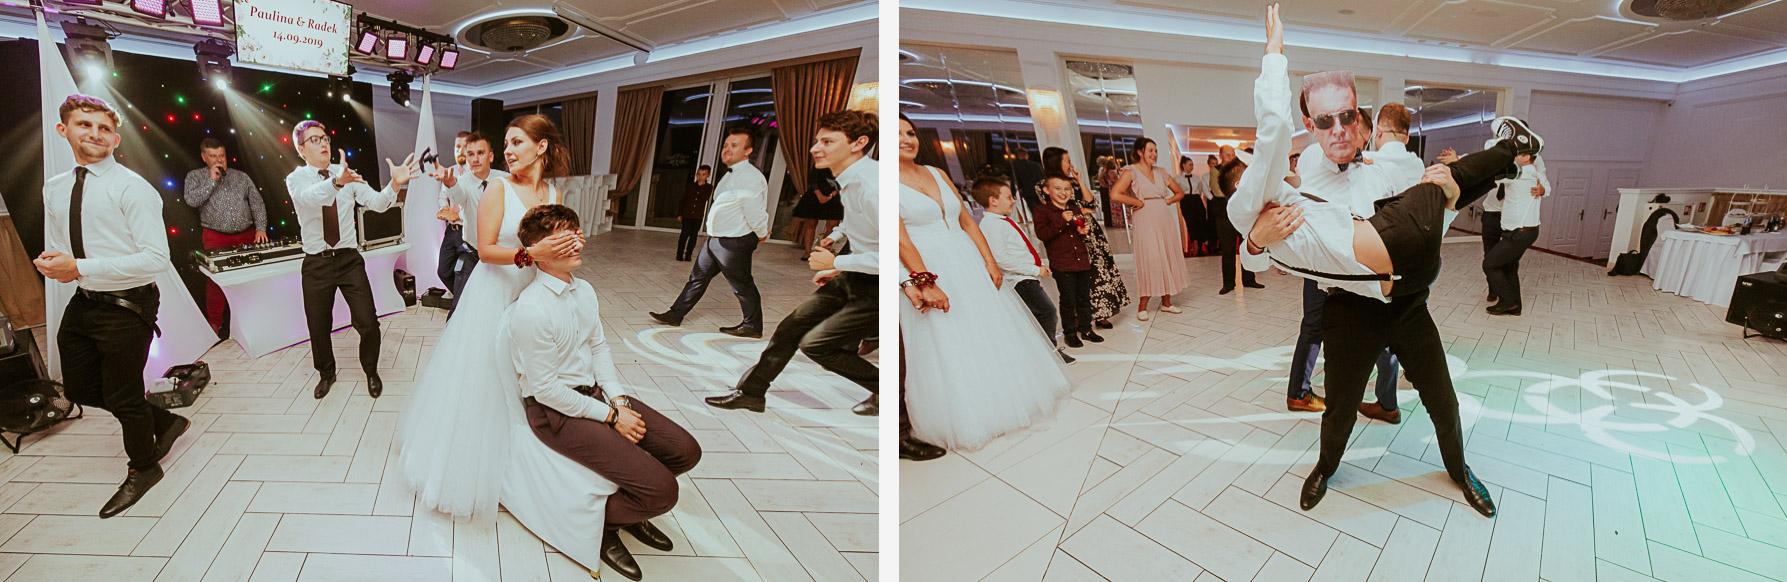 Zdjęcia Ślubne Cieszyn 130 a27